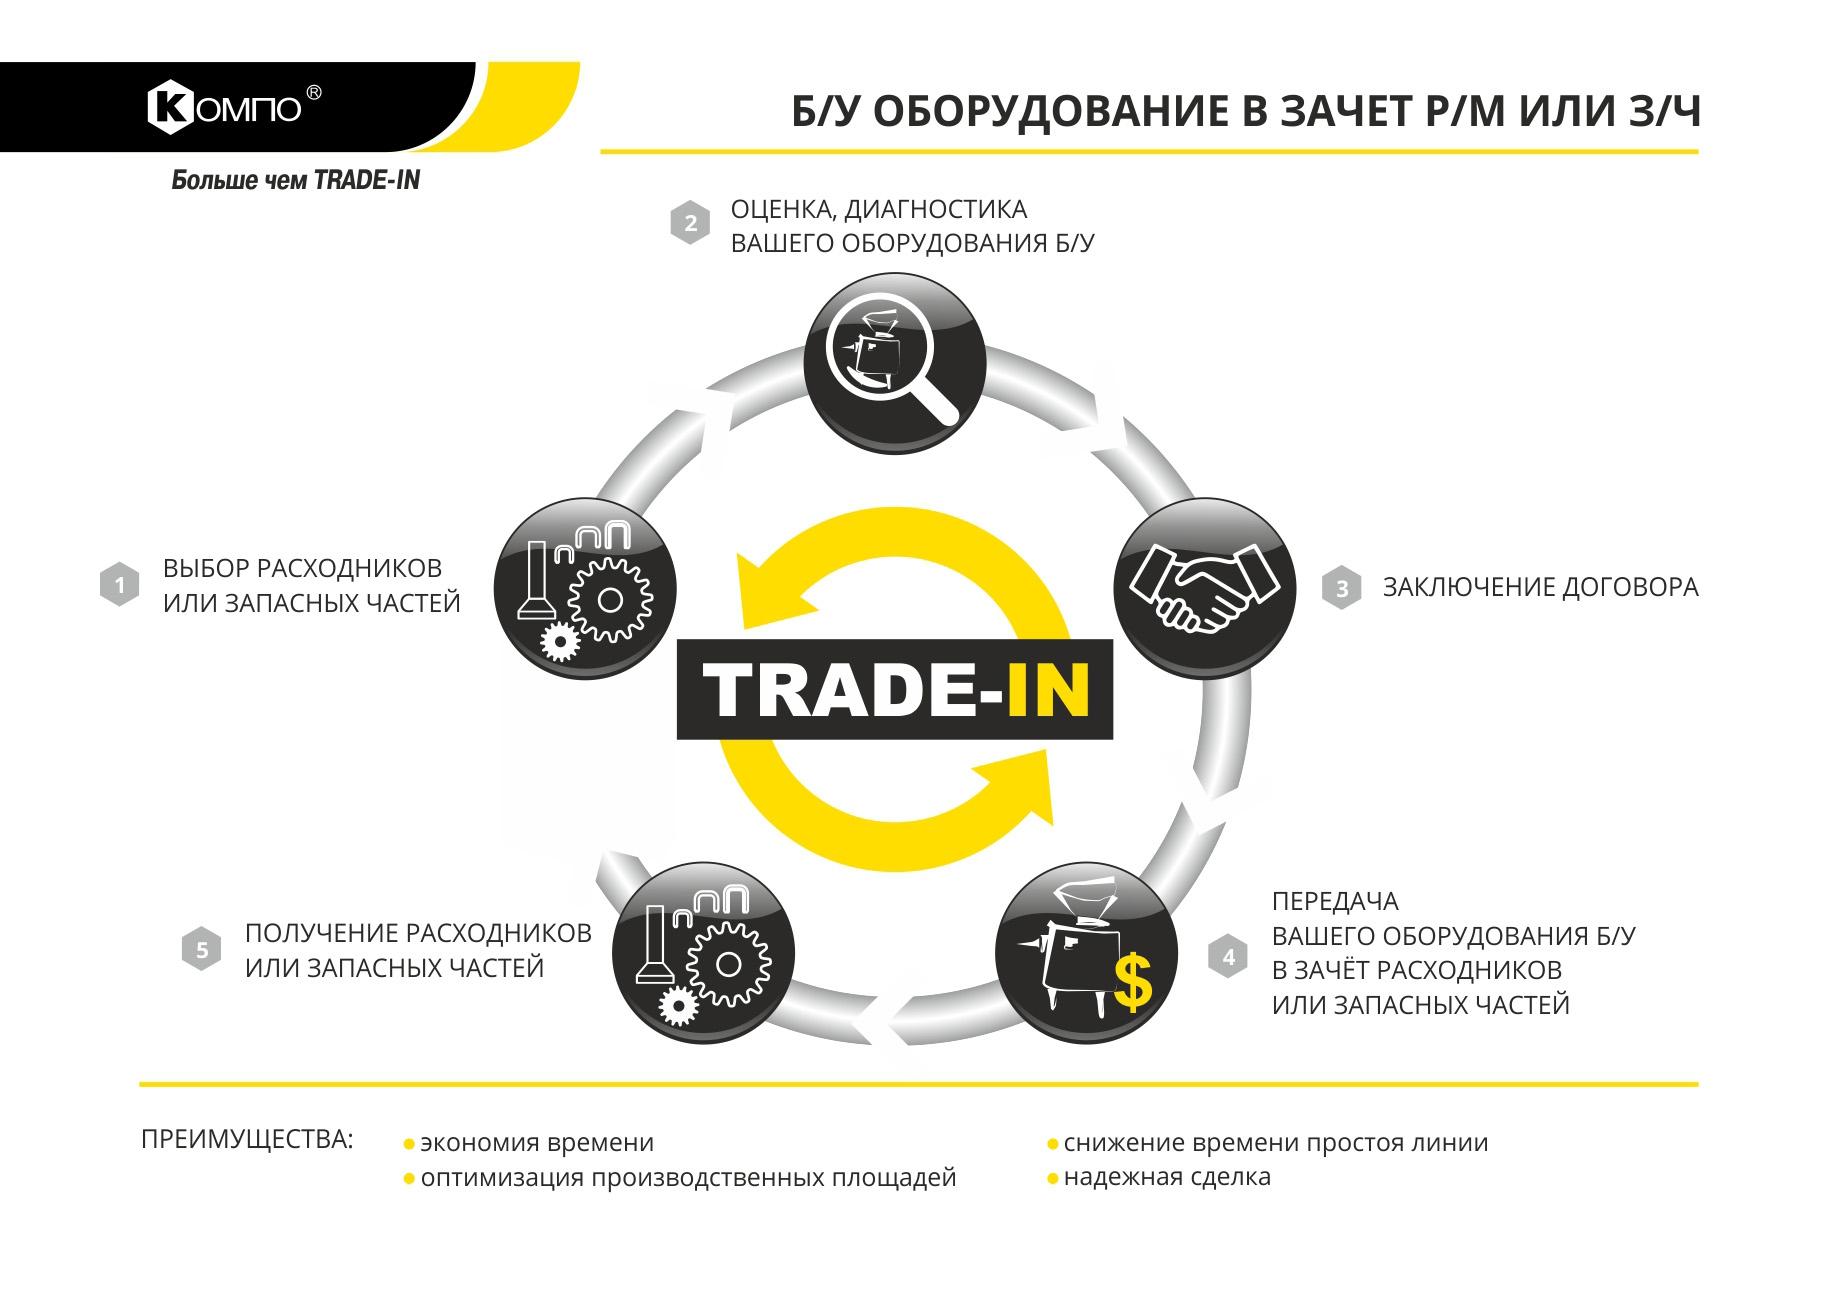 б/у оборудование в TRADE-IN